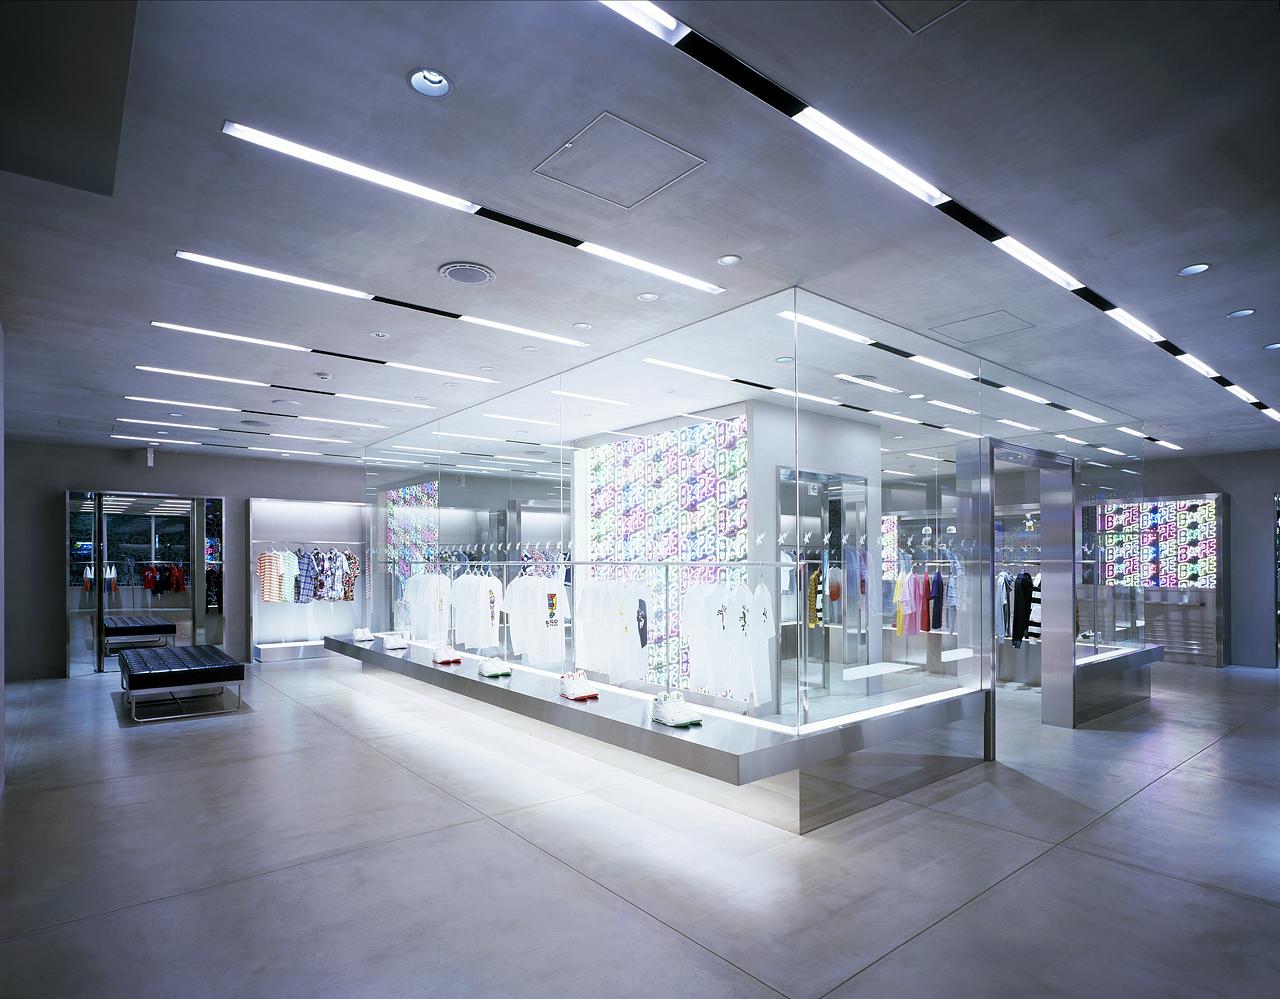 Bape Store 174 Sapporo Wonderwall